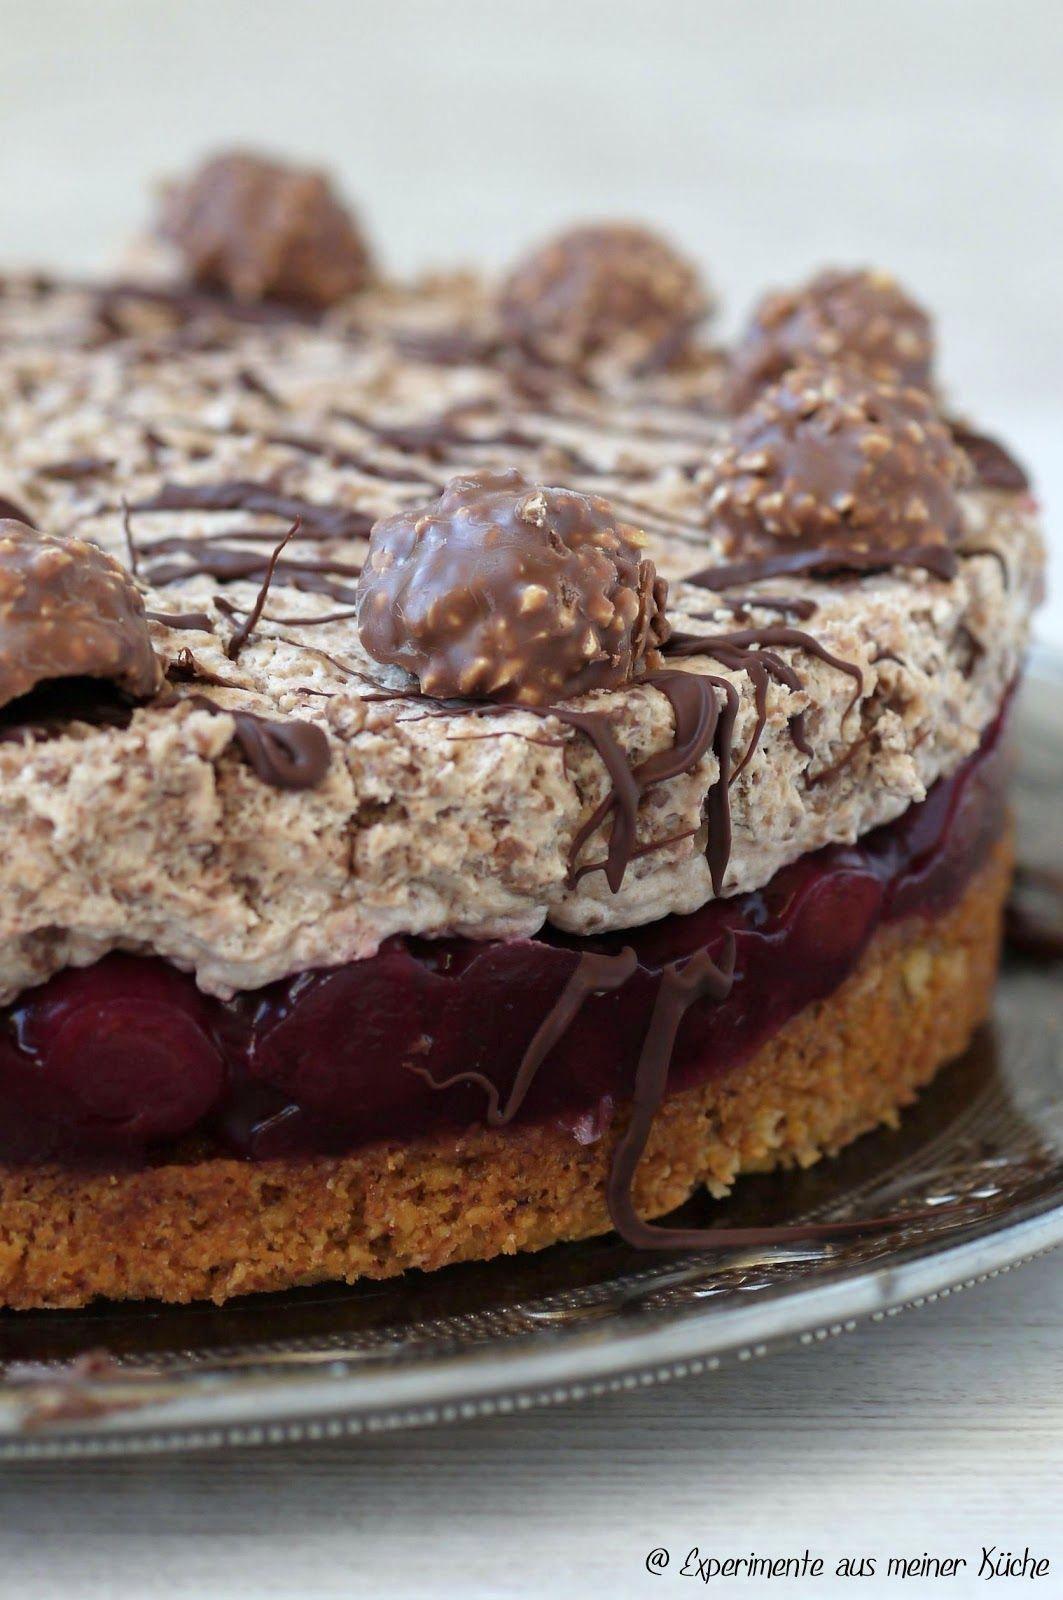 Experimente Aus Meiner Kuche Rocher Kirsch Torte Cherrycake In 2020 Almond Cakes Yummy Cakes Savoury Cake